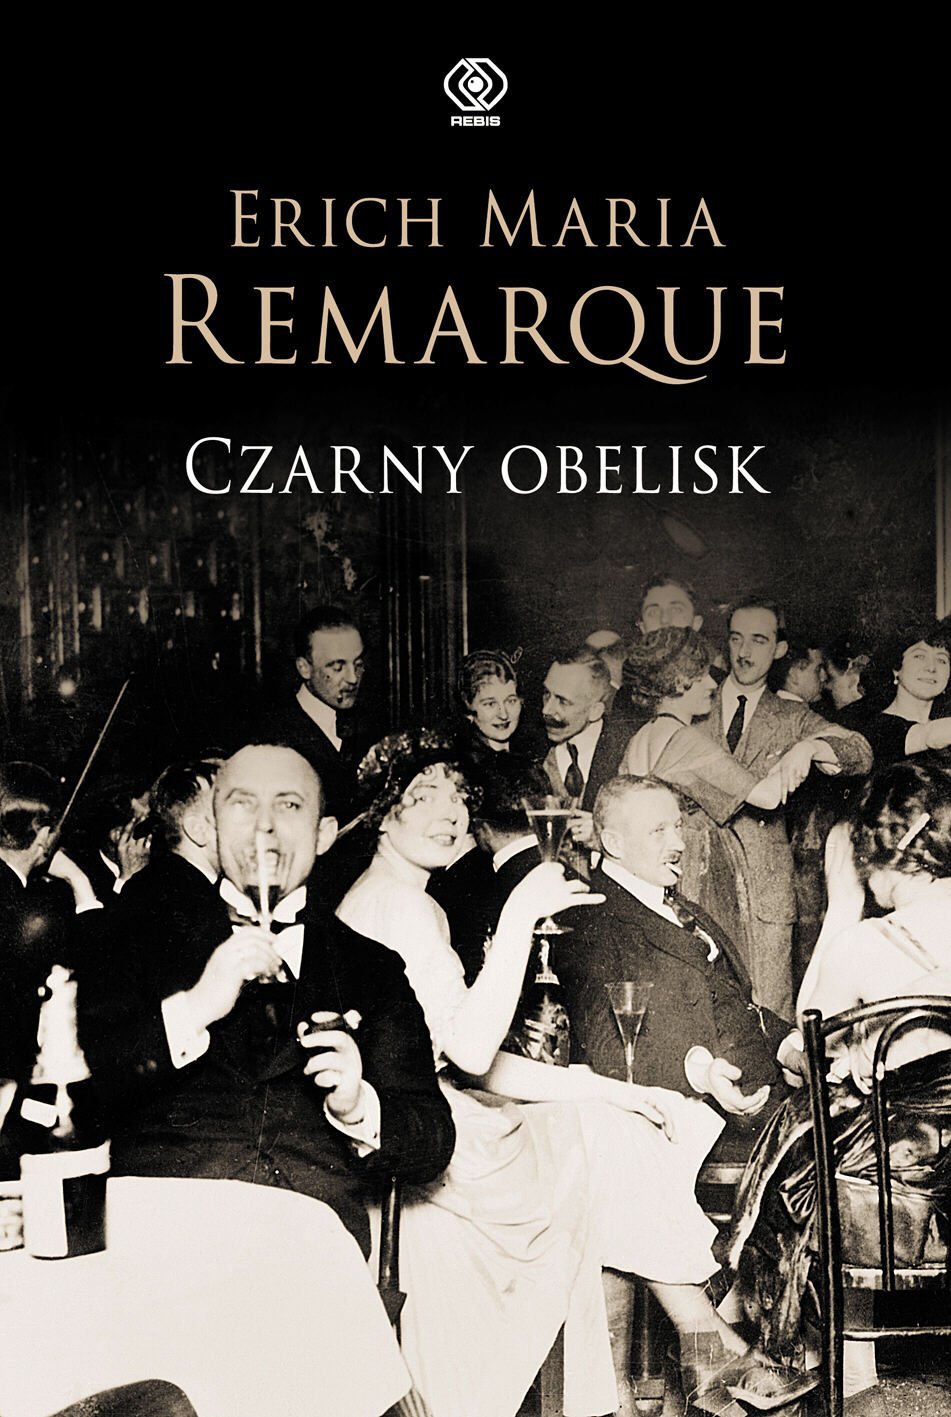 Czarny obelisk - Ebook (Książka EPUB) do pobrania w formacie EPUB